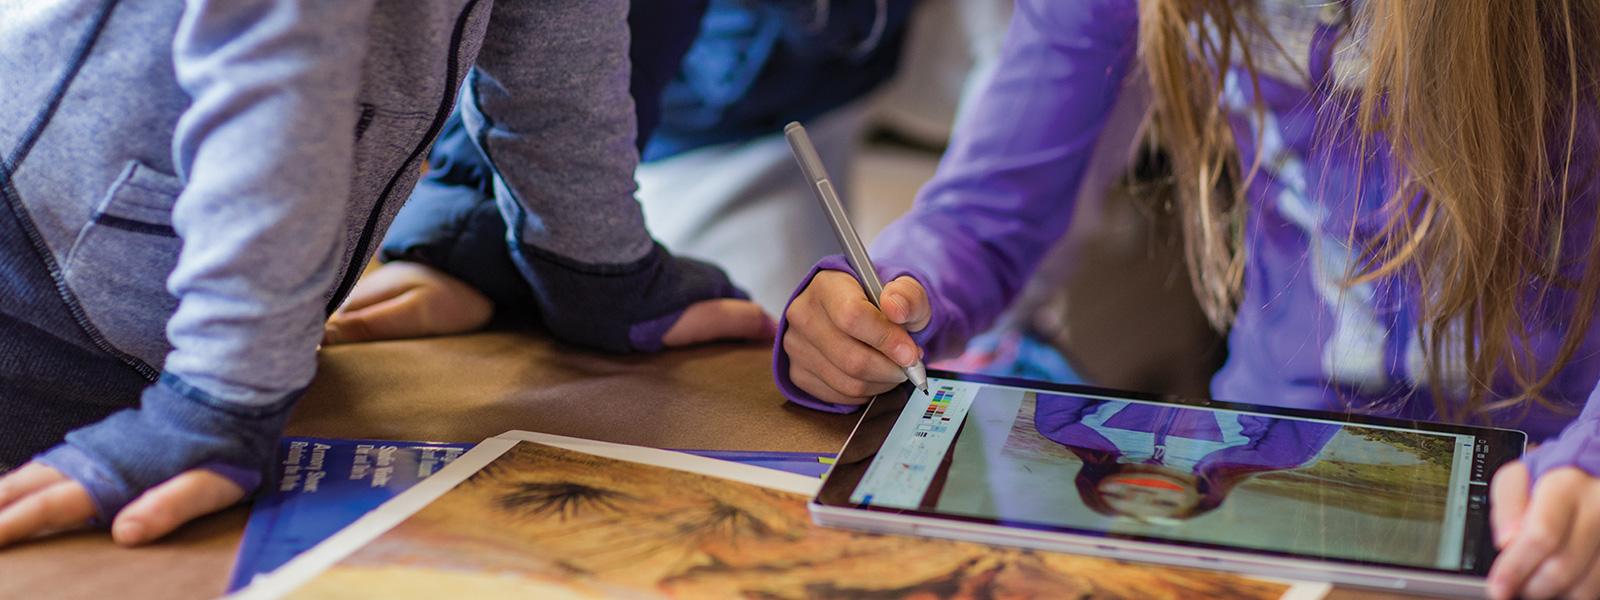 Lehrkraft interagiert mit Schülern